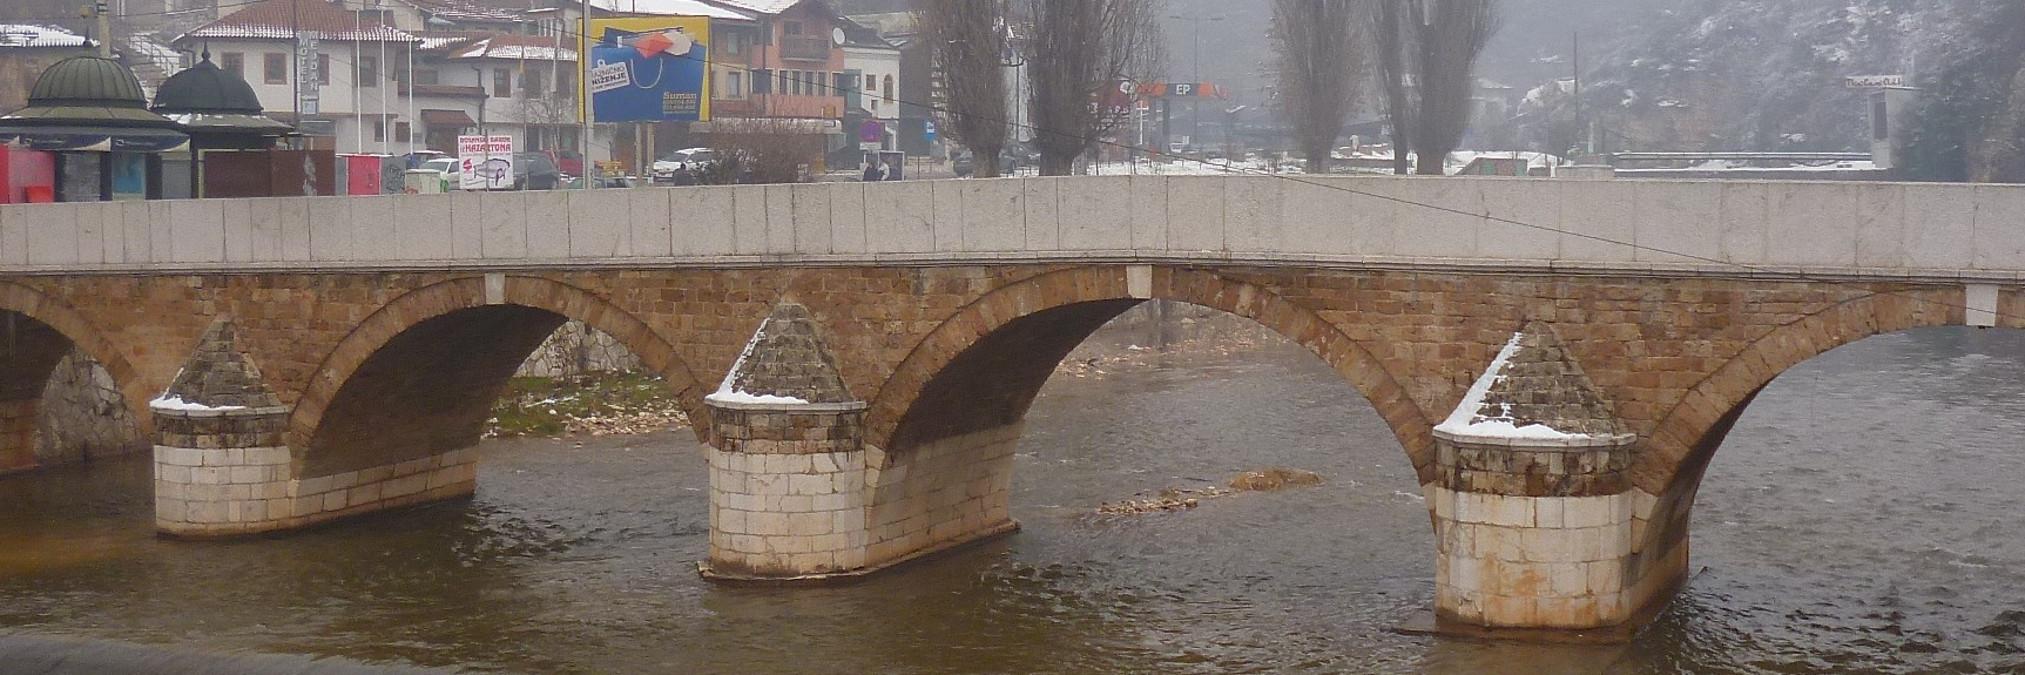 Шехер-чехаин мост